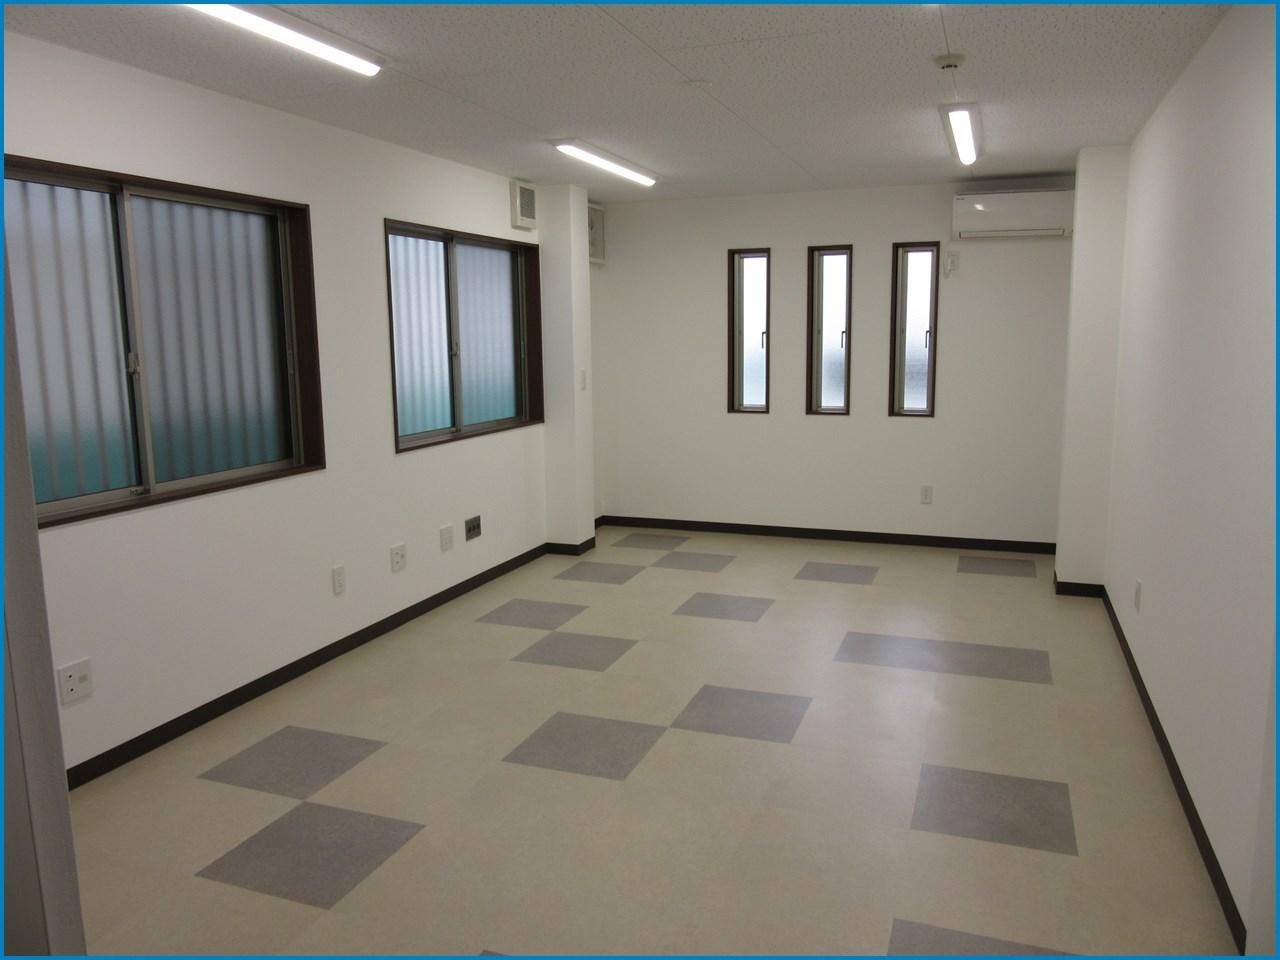 サンシャインテニスプラザ・クラブハウス増築工事_c0376508_14575751.jpg